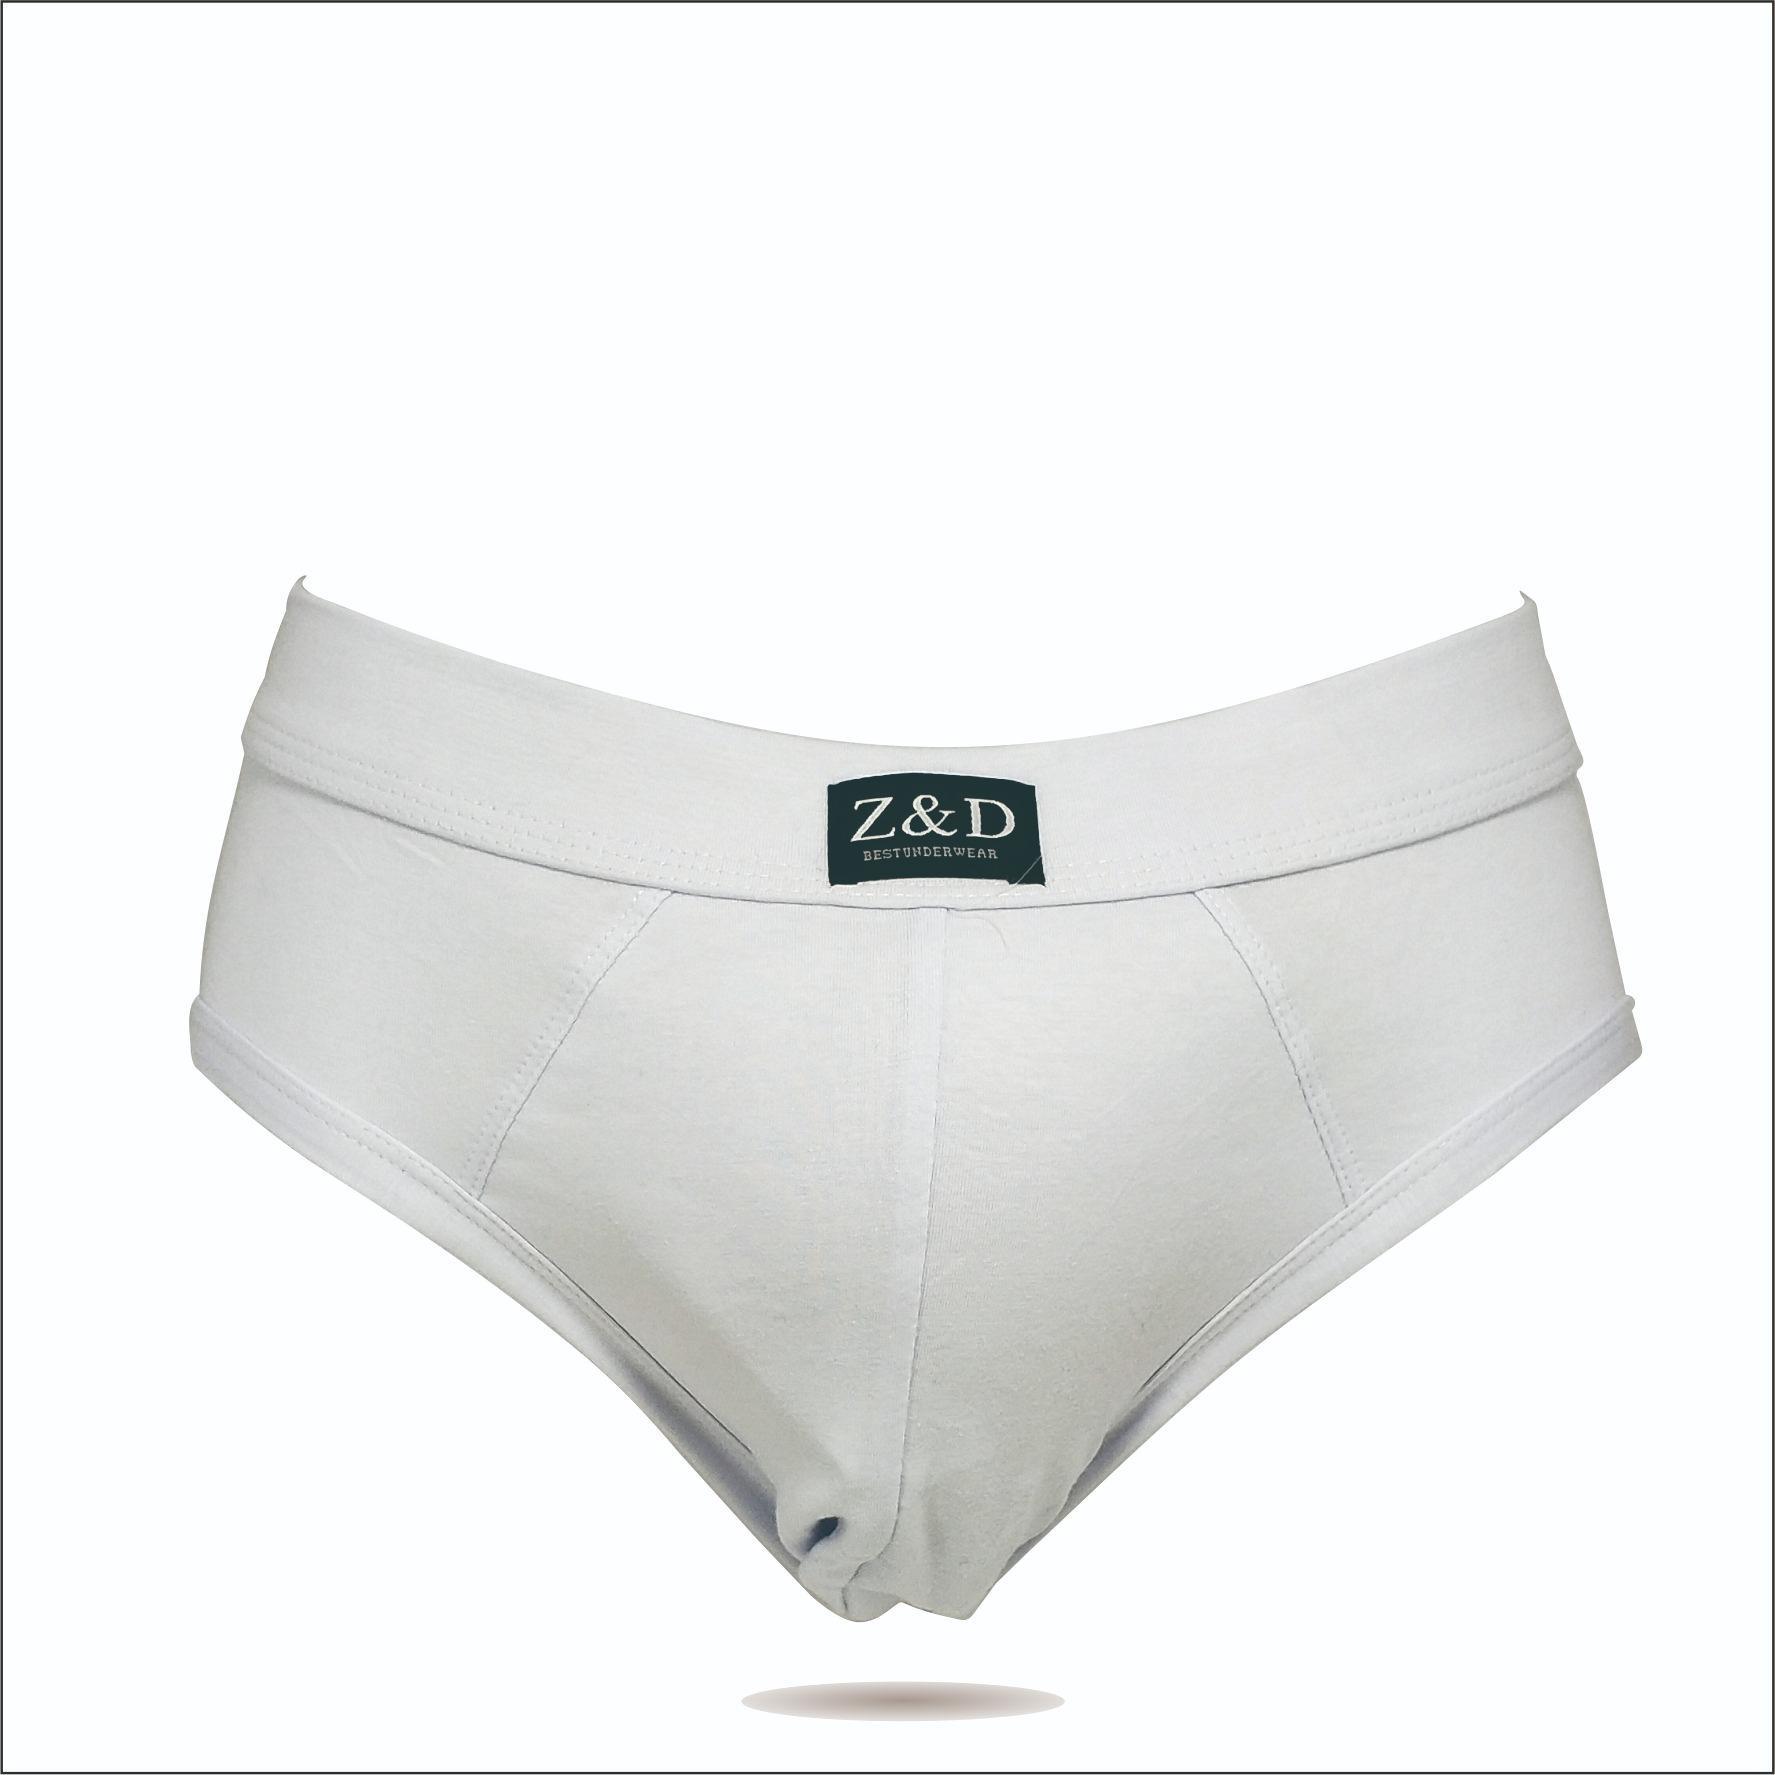 Gogo Celana Kesehatan Magnetic Underwear Size Xl Hitam Daftar Dalam Terapi Vakoou Magnetik Alat Untuk Pria Ampuh Id Live 02slaticnet Original 4795ad4b3d394e76701